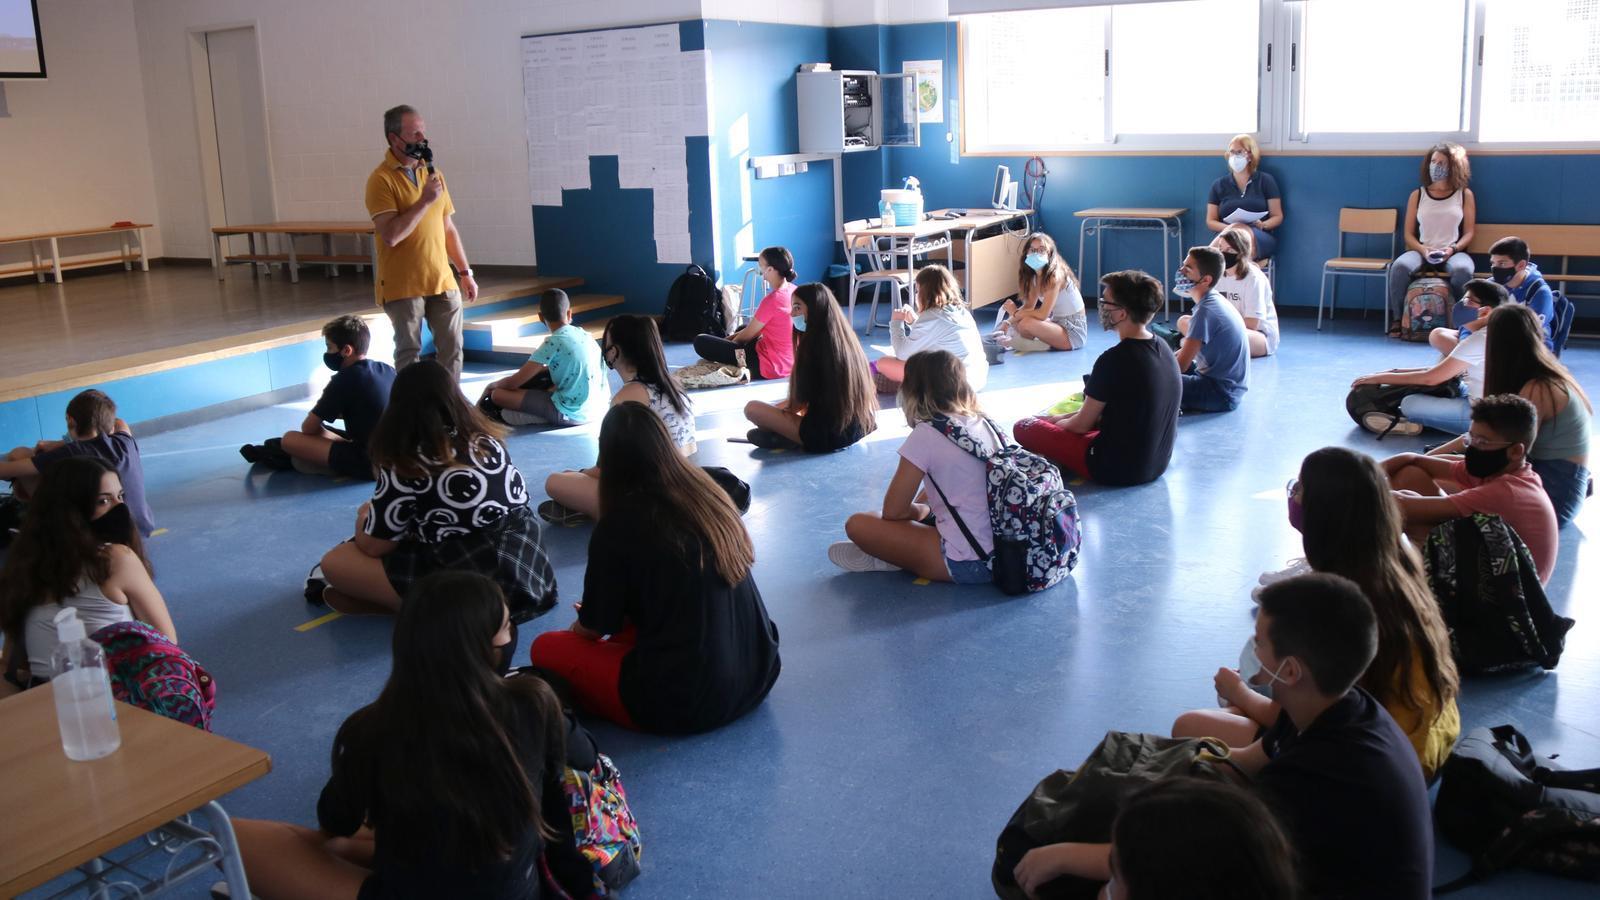 Una reunió inicial amb alumnes d'ESO a l'institut Cristòfol Despuig de Tortosa, el passat mes de setembre